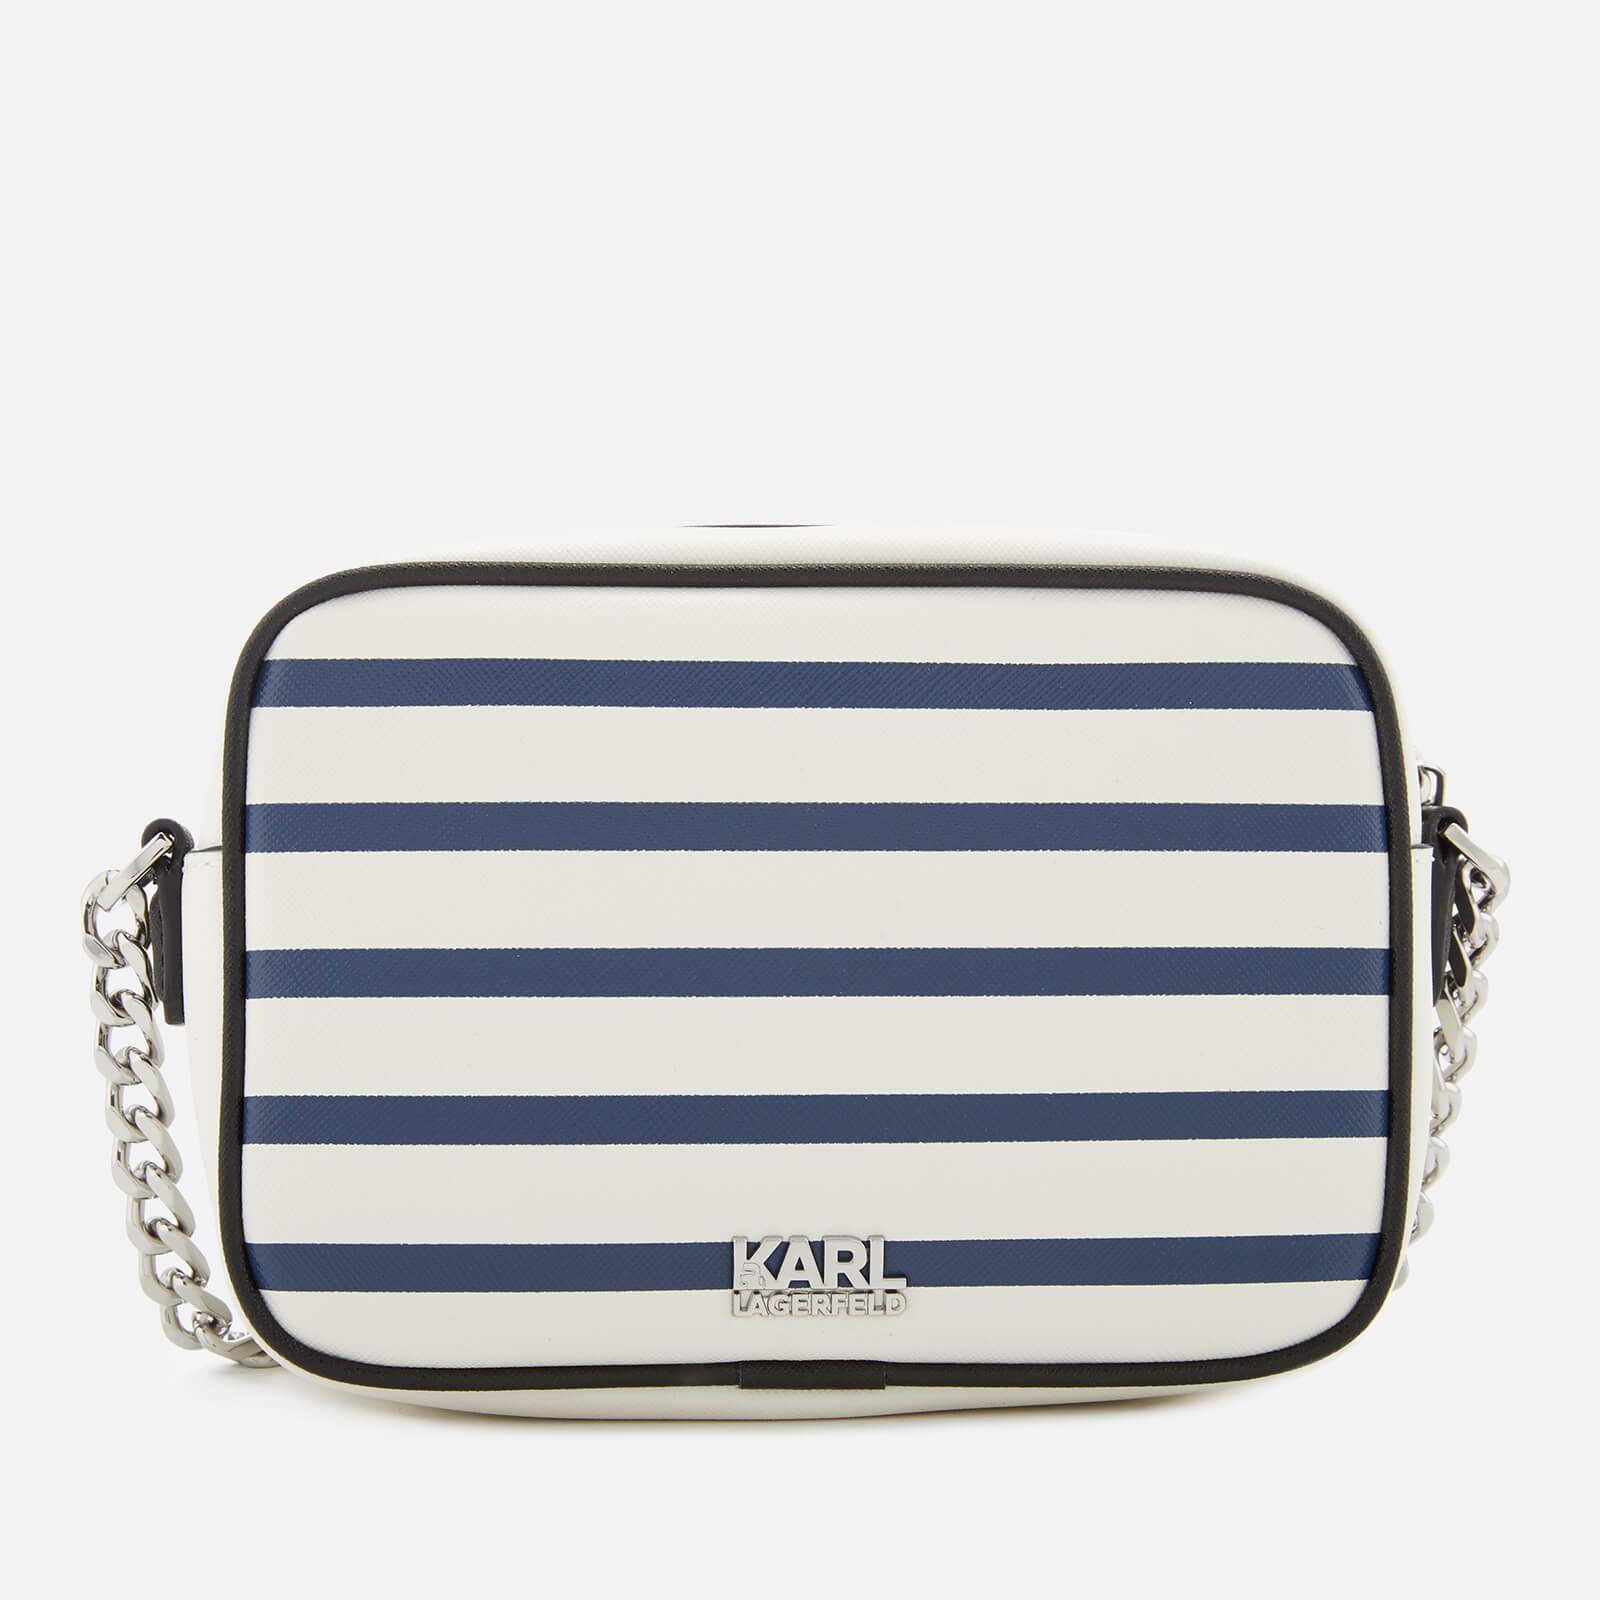 Karl Lagerfeld Leather Captain Karl Cross Body Bag